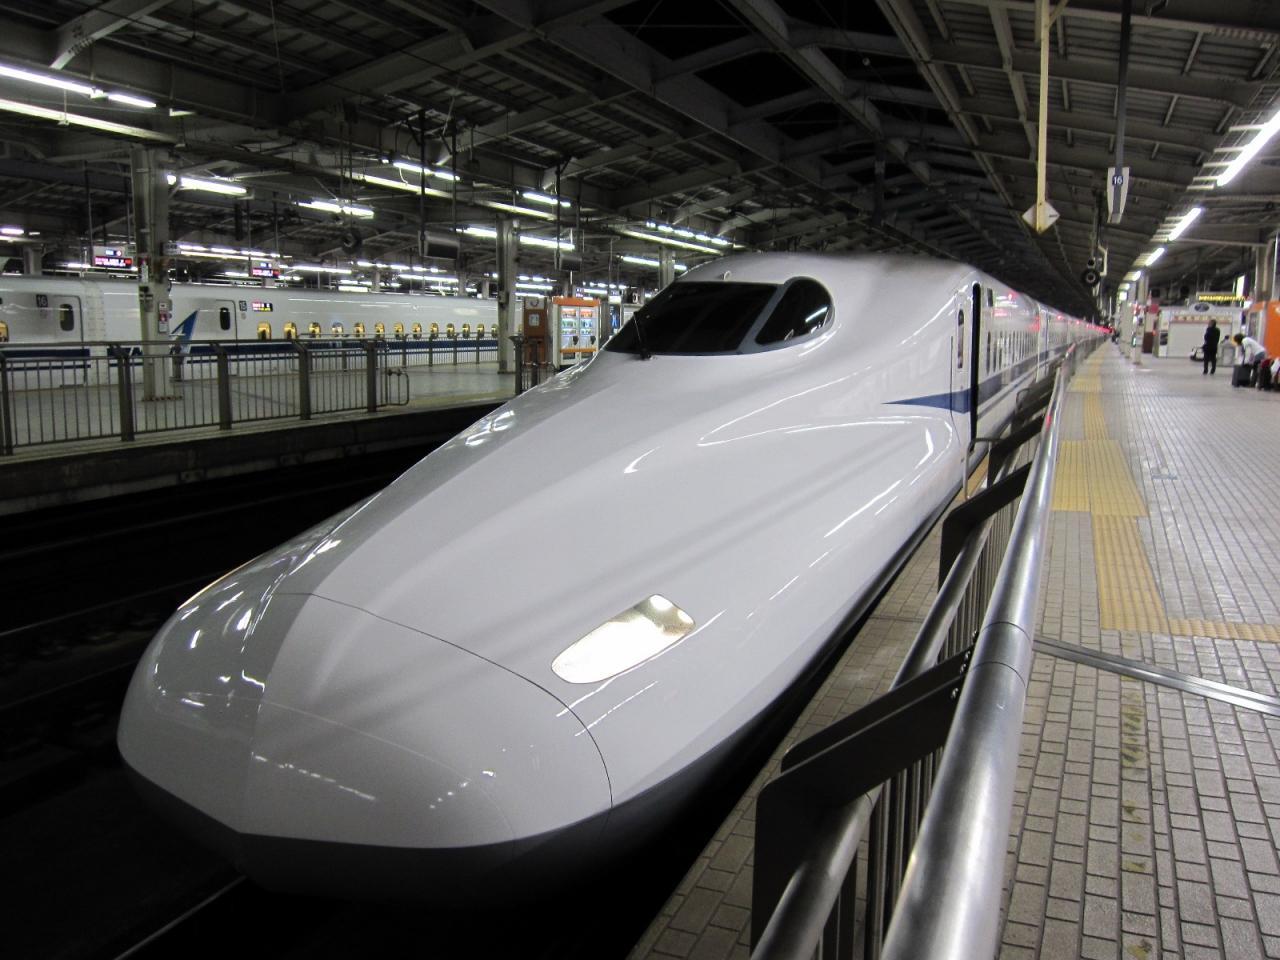 東京グルメ&お登り 2日間の旅 2013年 春』東京の旅行記・ブログ by